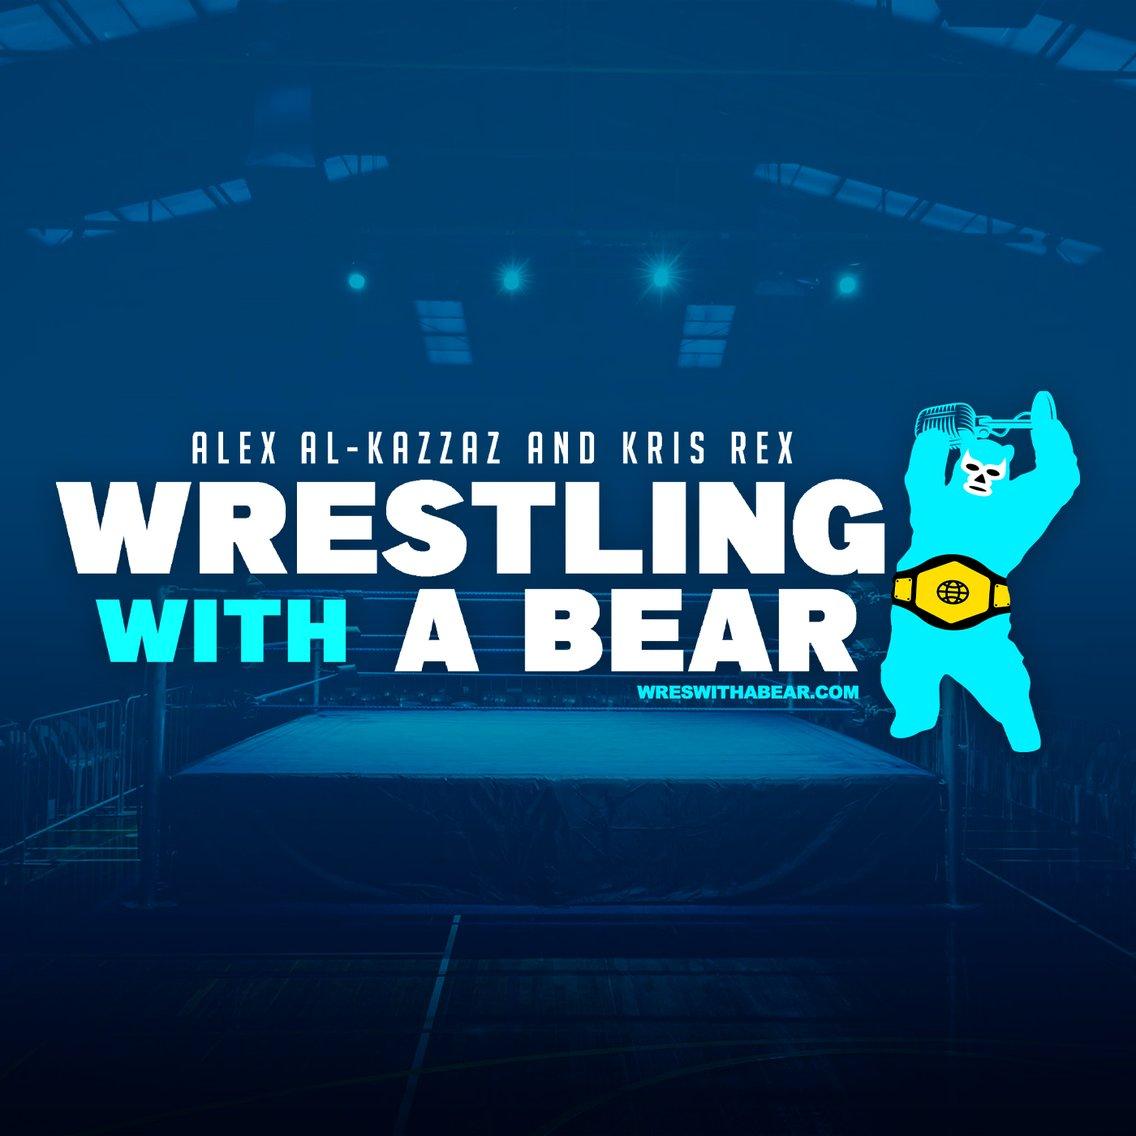 Wrestling With A Bear - immagine di copertina